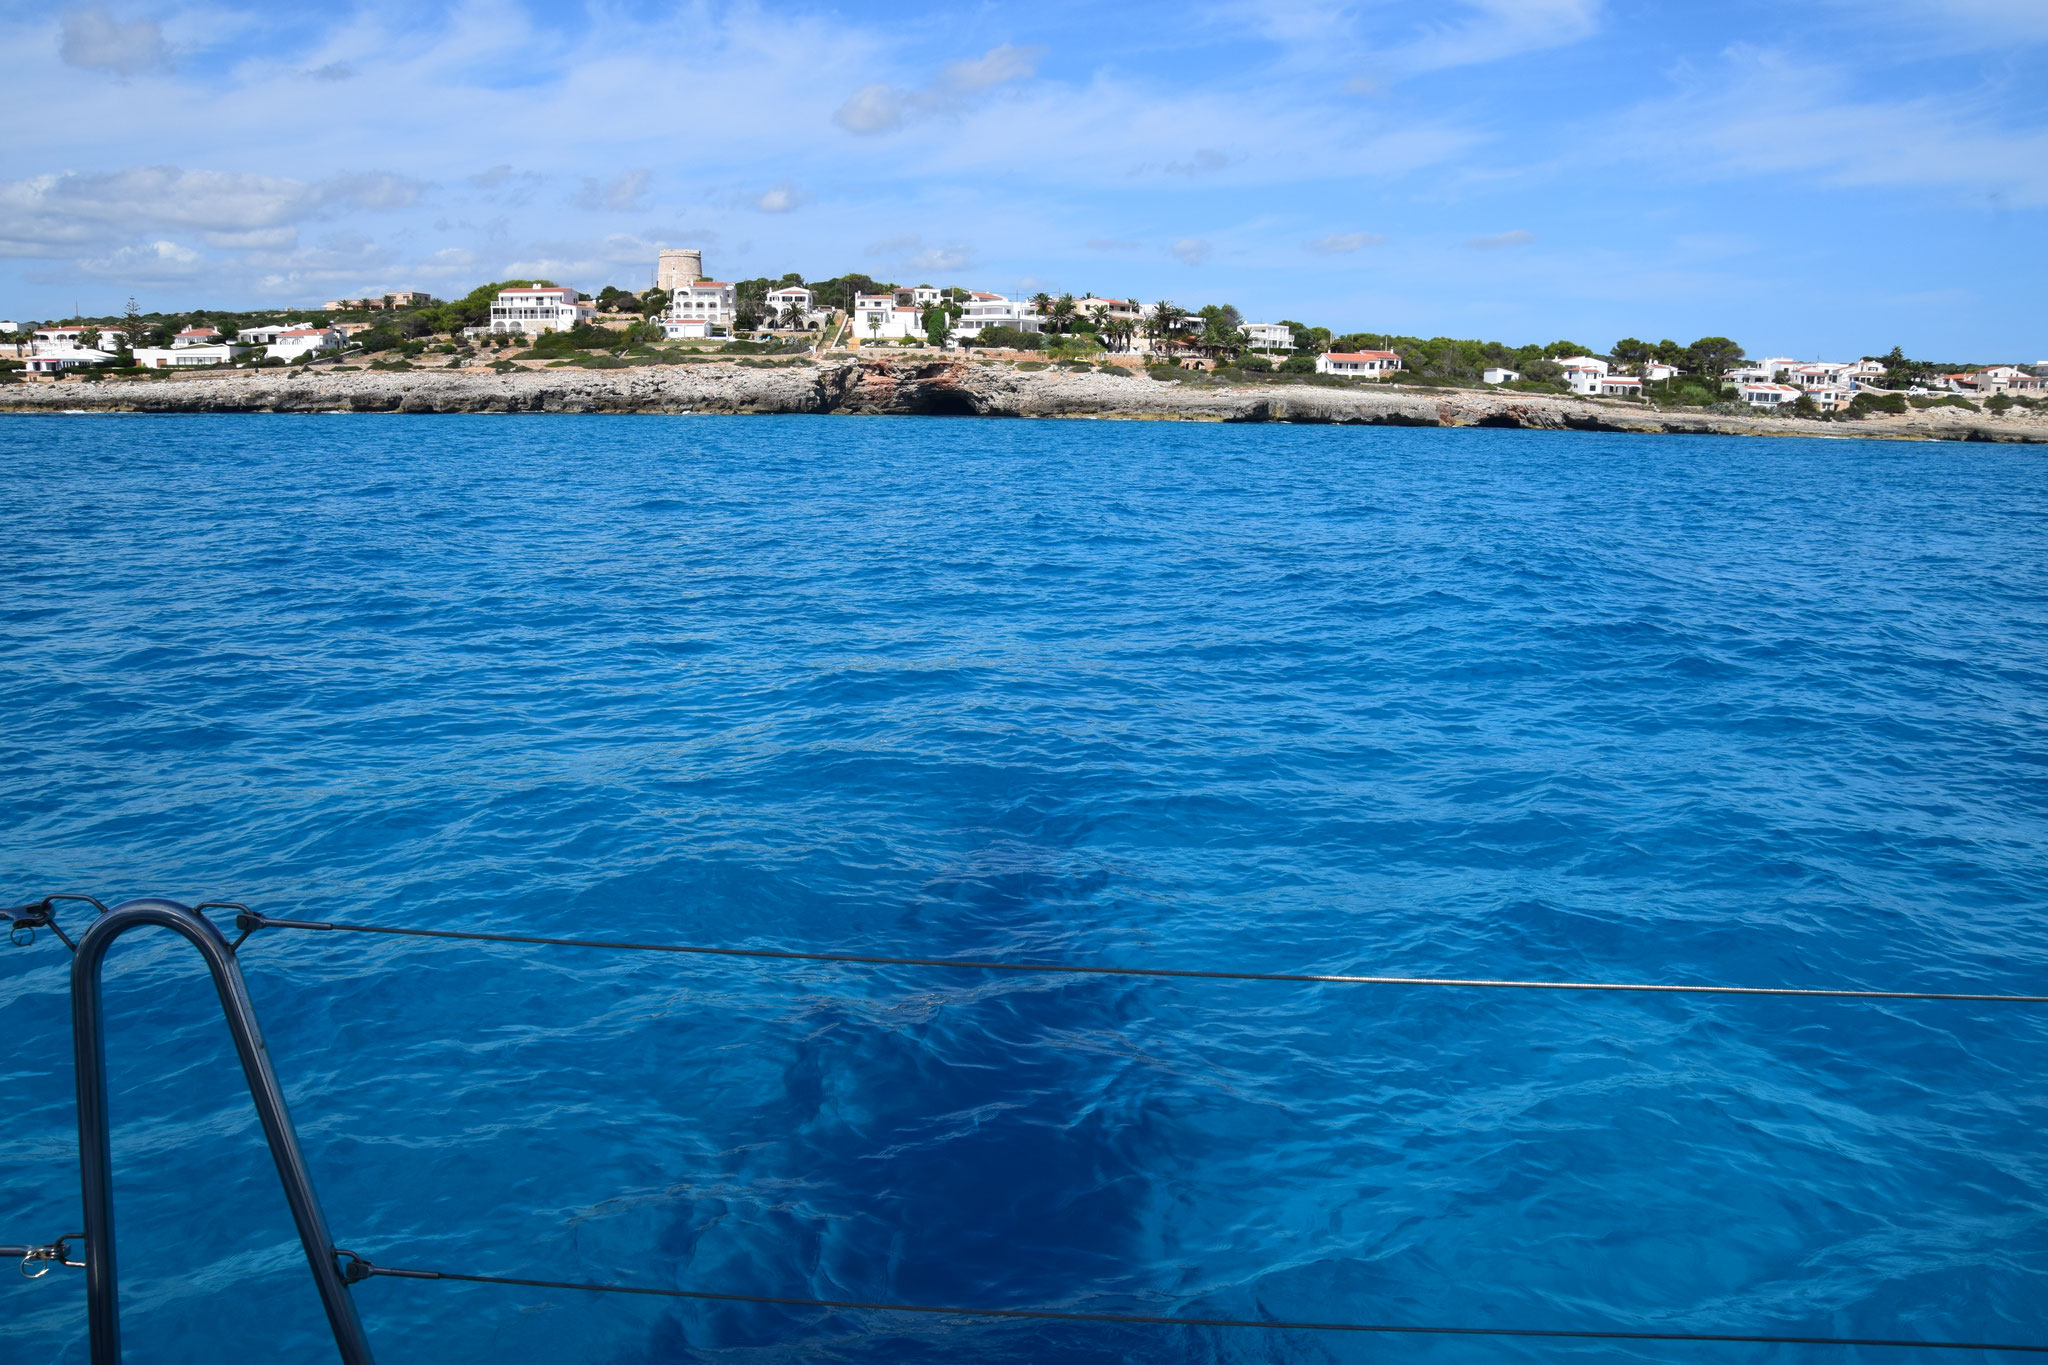 Punta Prima, das Dunkle ist der Schatten unseres Schiffes